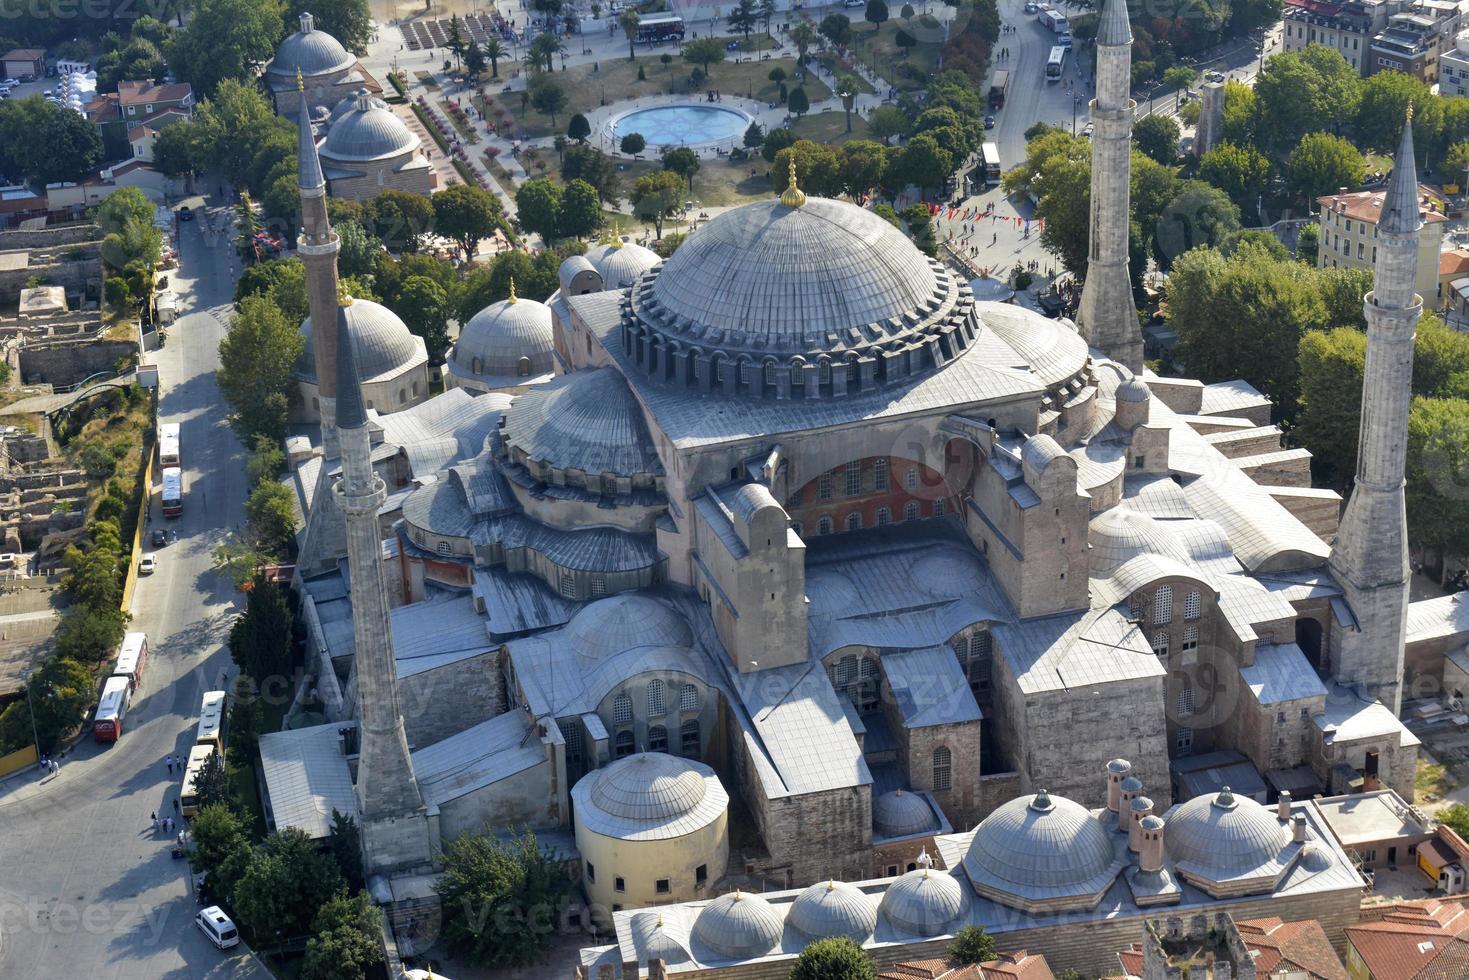 hagia sophia nel distretto di sultanahmet, istanbul. tacchino. foto